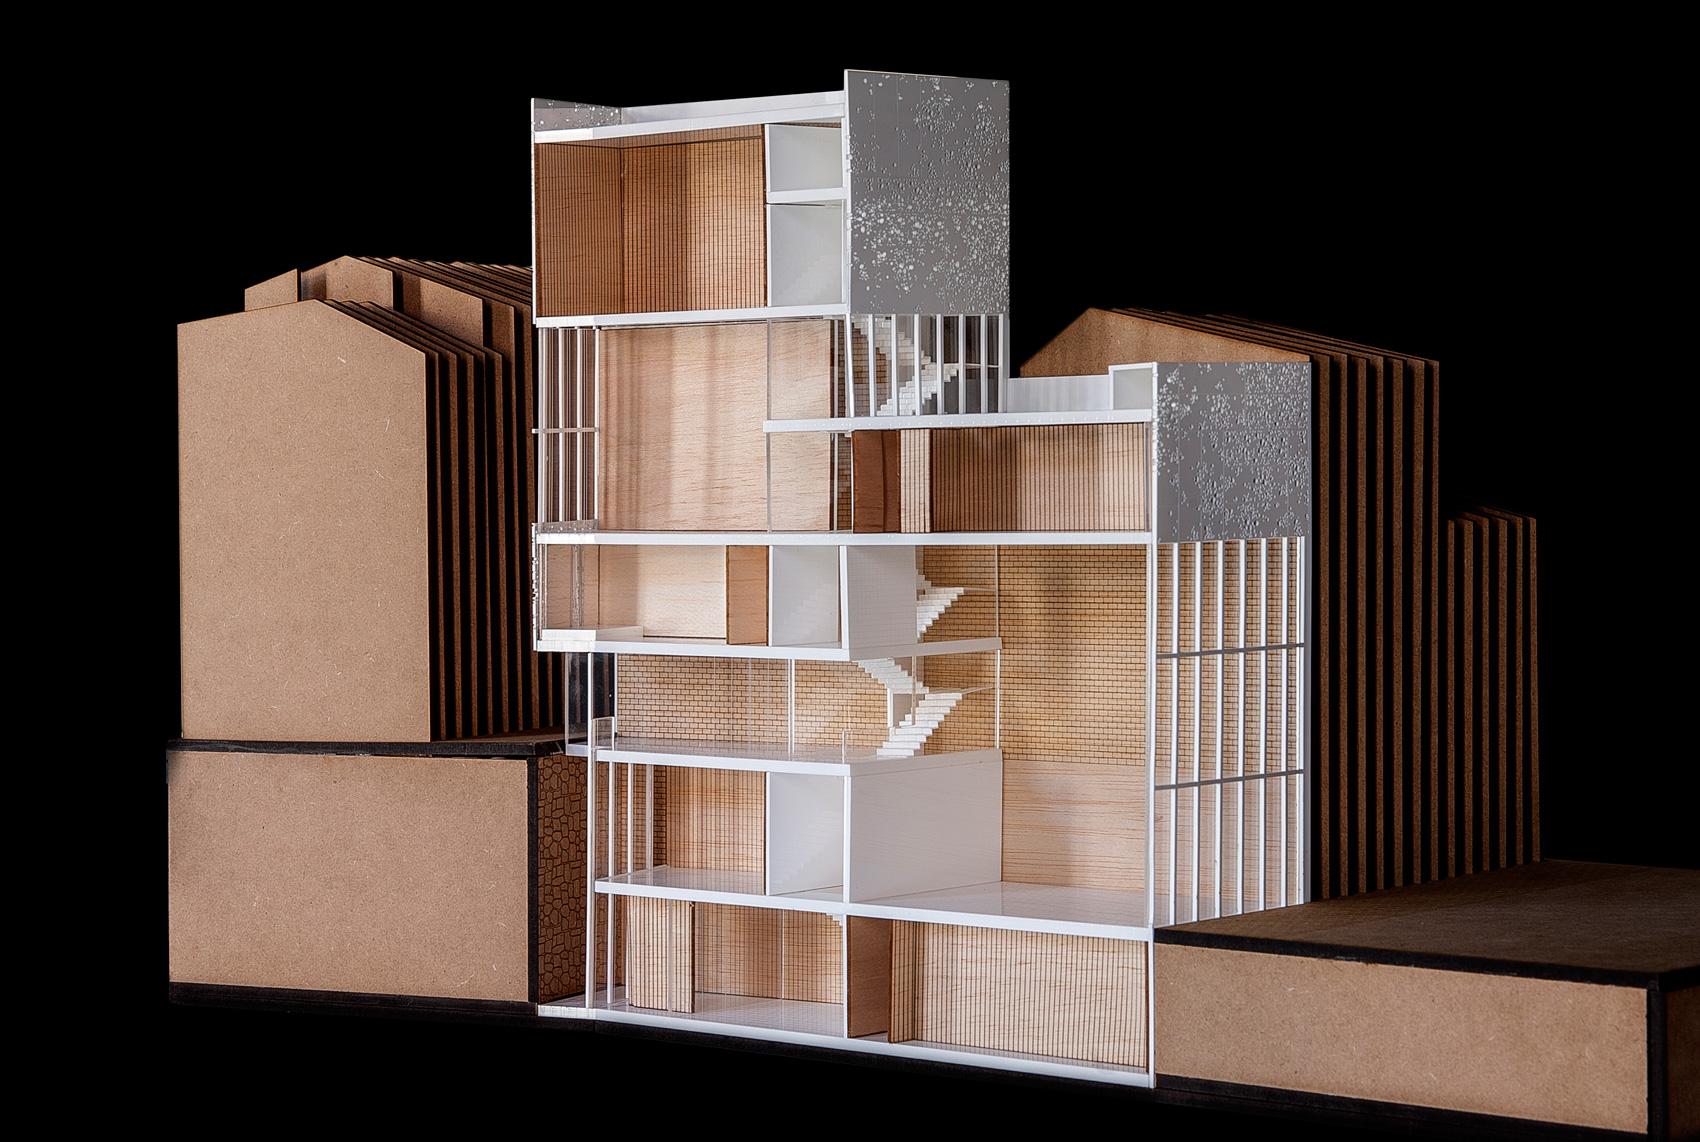 Maqueta arquitectura seccionada arquimaquetaarquimaqueta for Arquitectura de madera